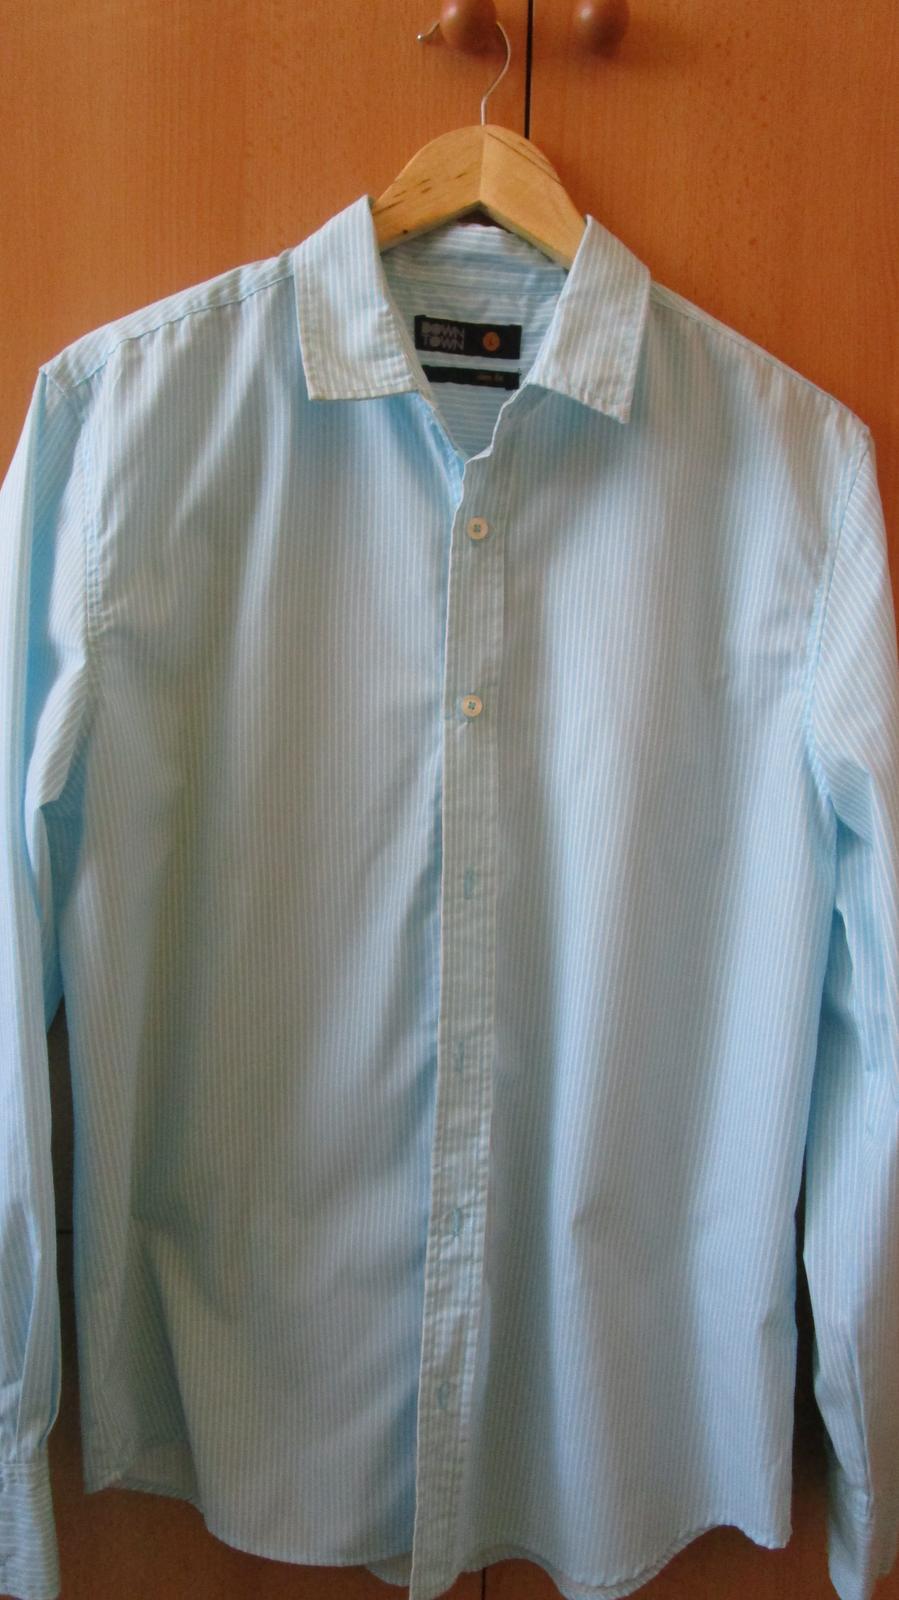 Pánska košeľa - Down Town - Obrázok č. 1